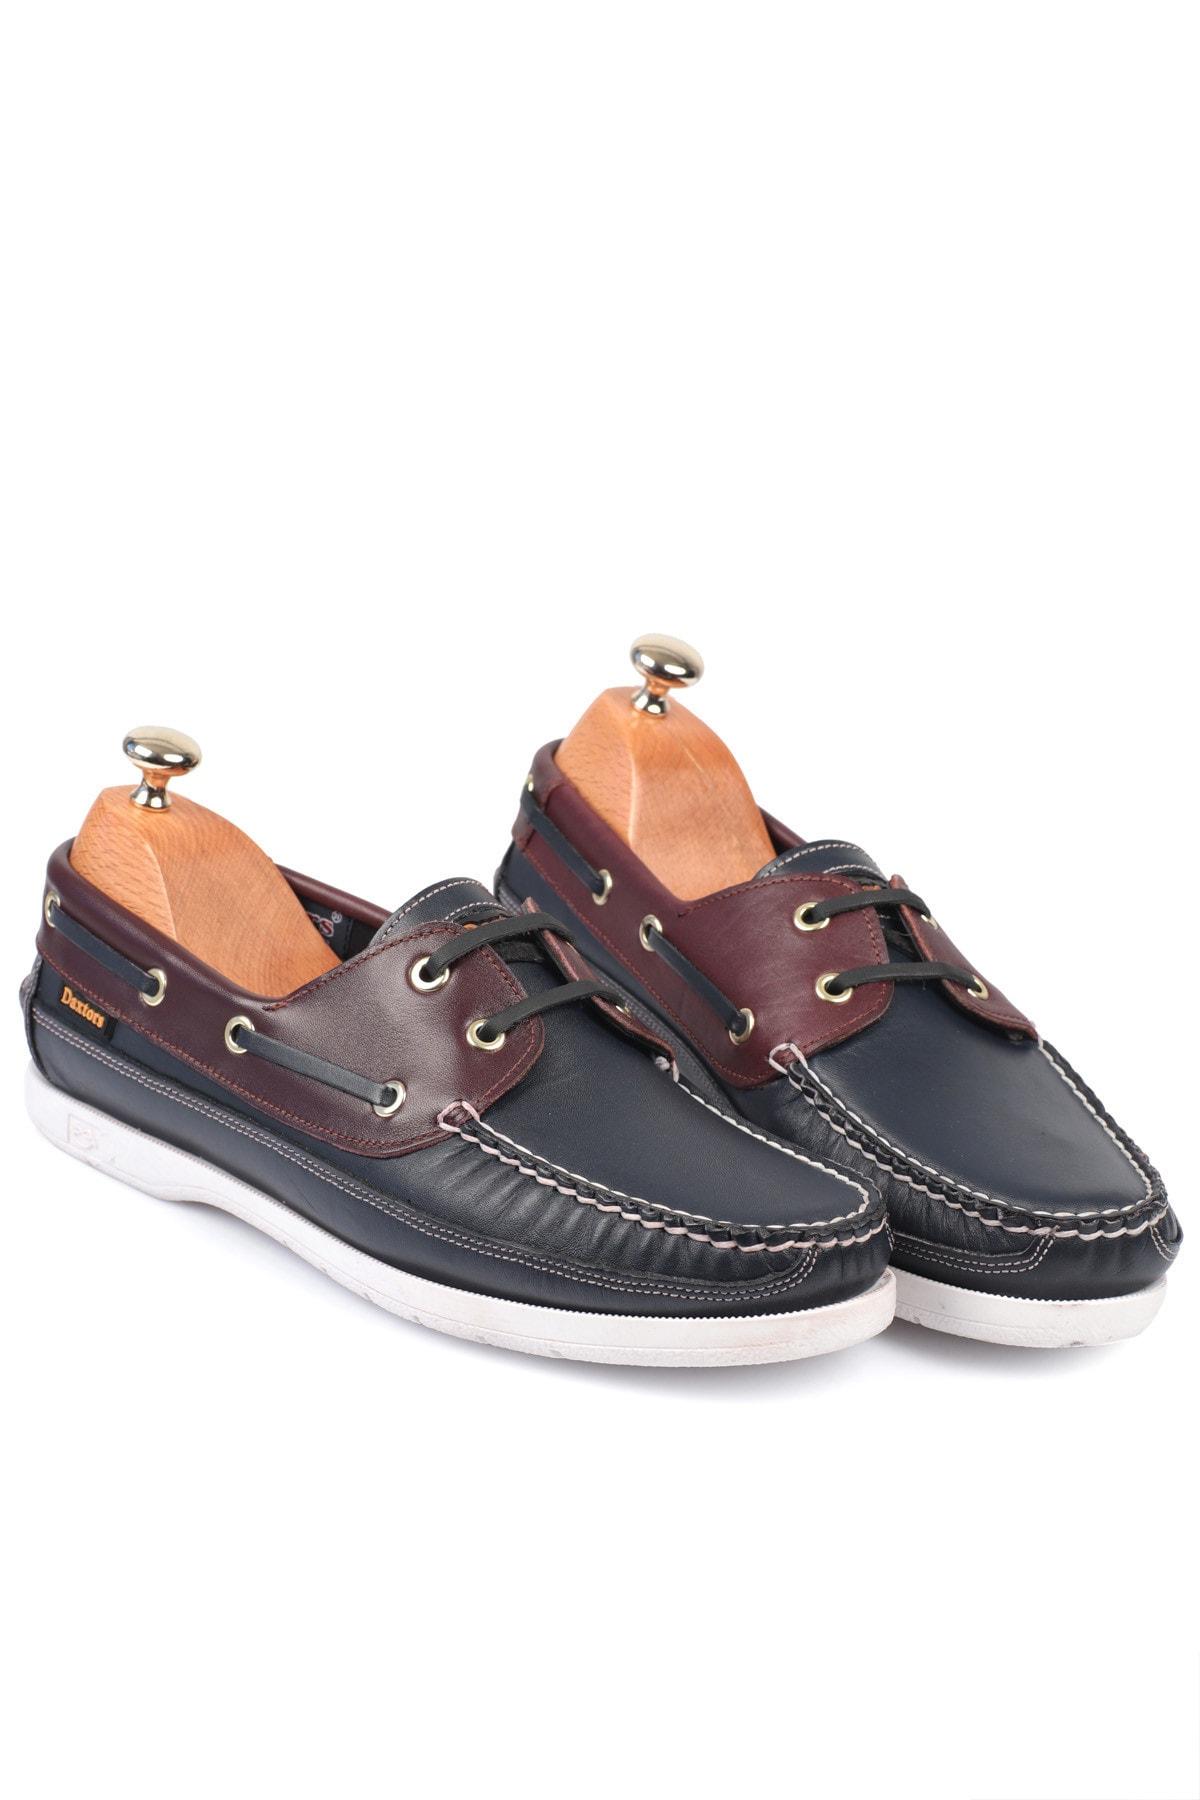 Daxtors D815 Günlük Klasik Hakiki Deri Erkek Ayakkabı 2